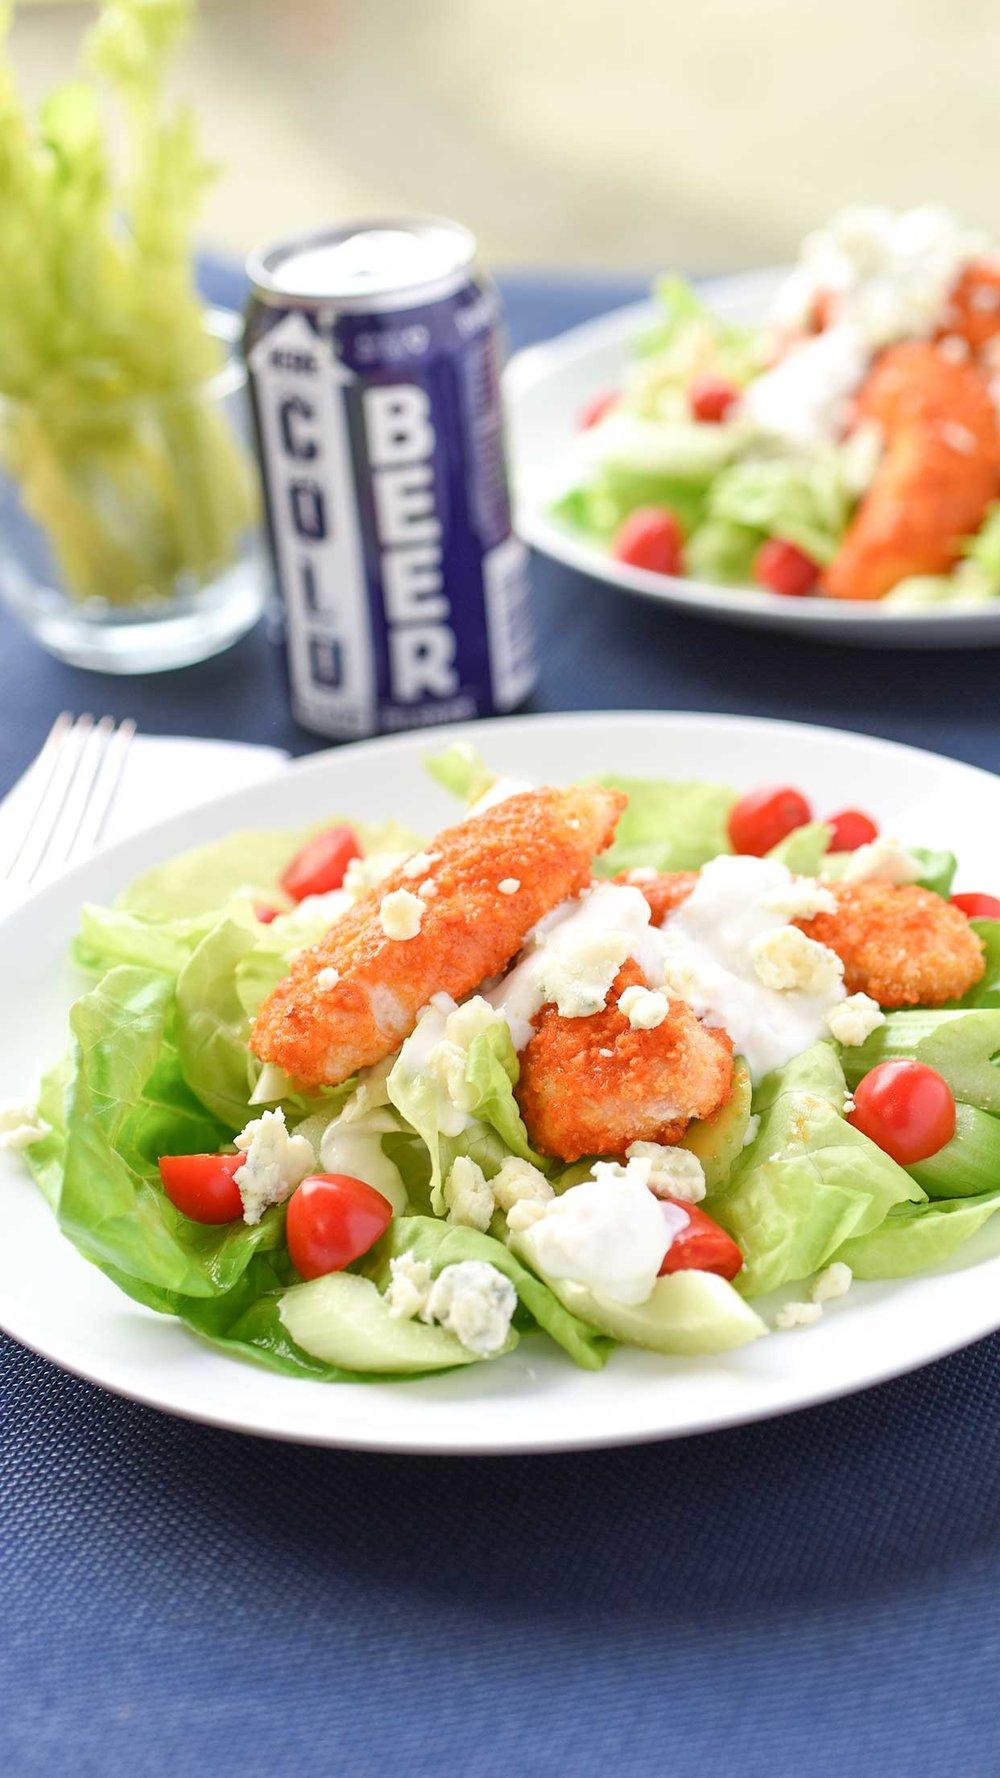 Ali Hedin | Healthy-ish Buffalo Chicken Salad